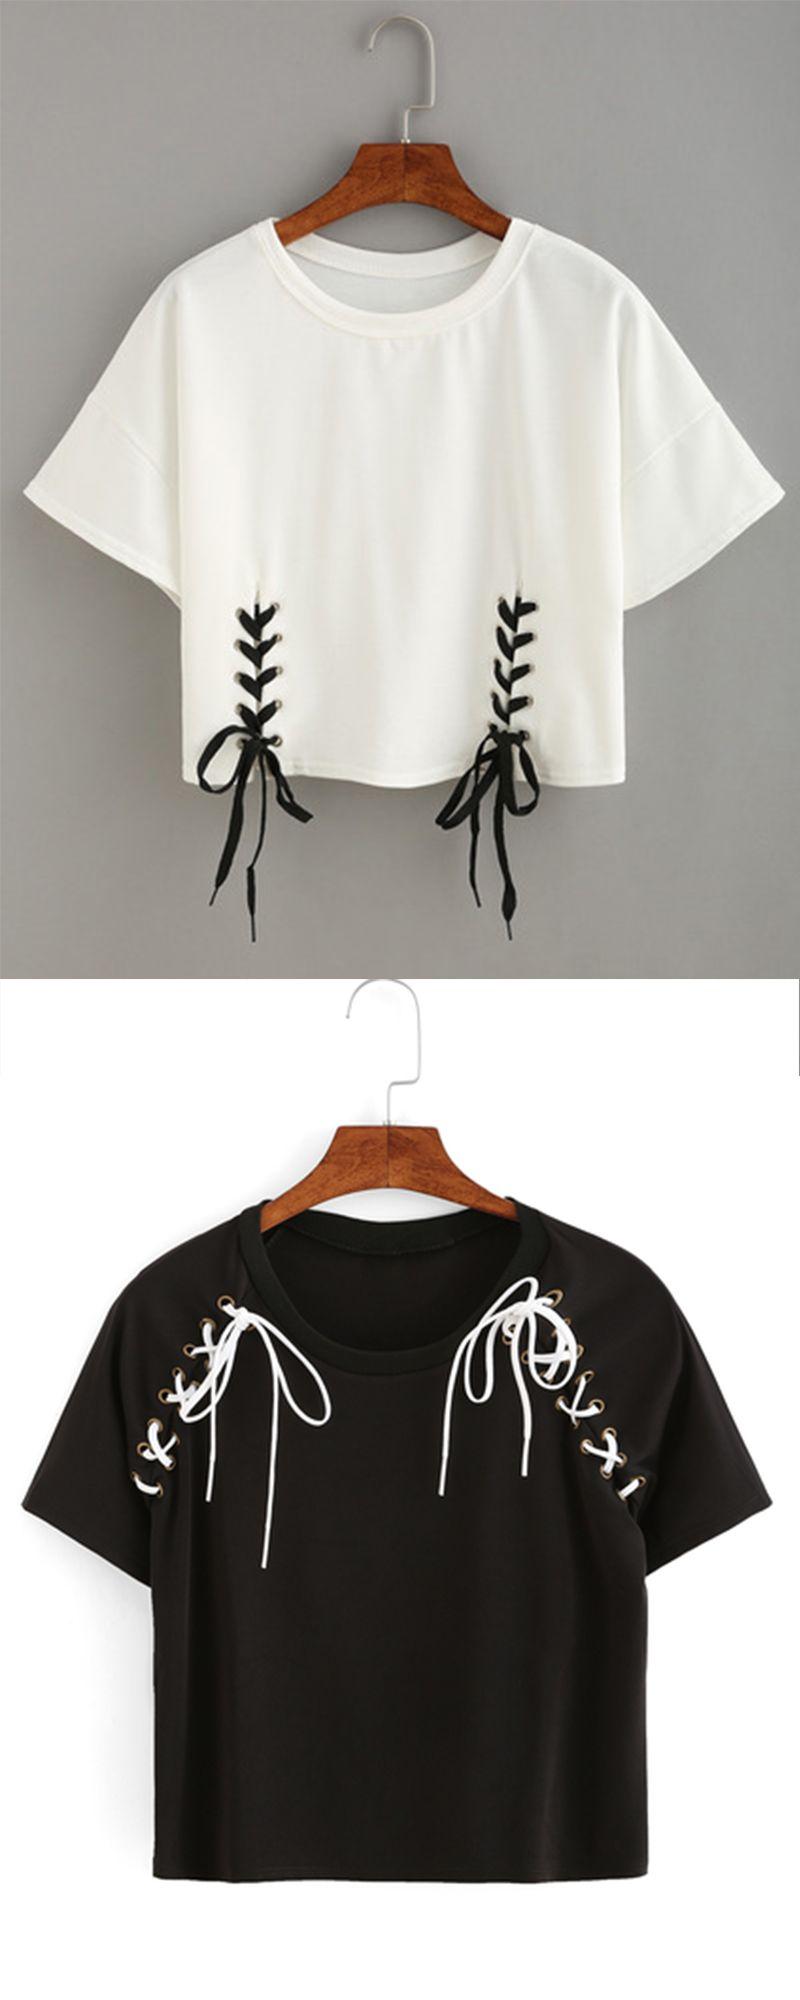 Double Lace Up Hem Crop T Shirt Diy Clothes Diy Shirt